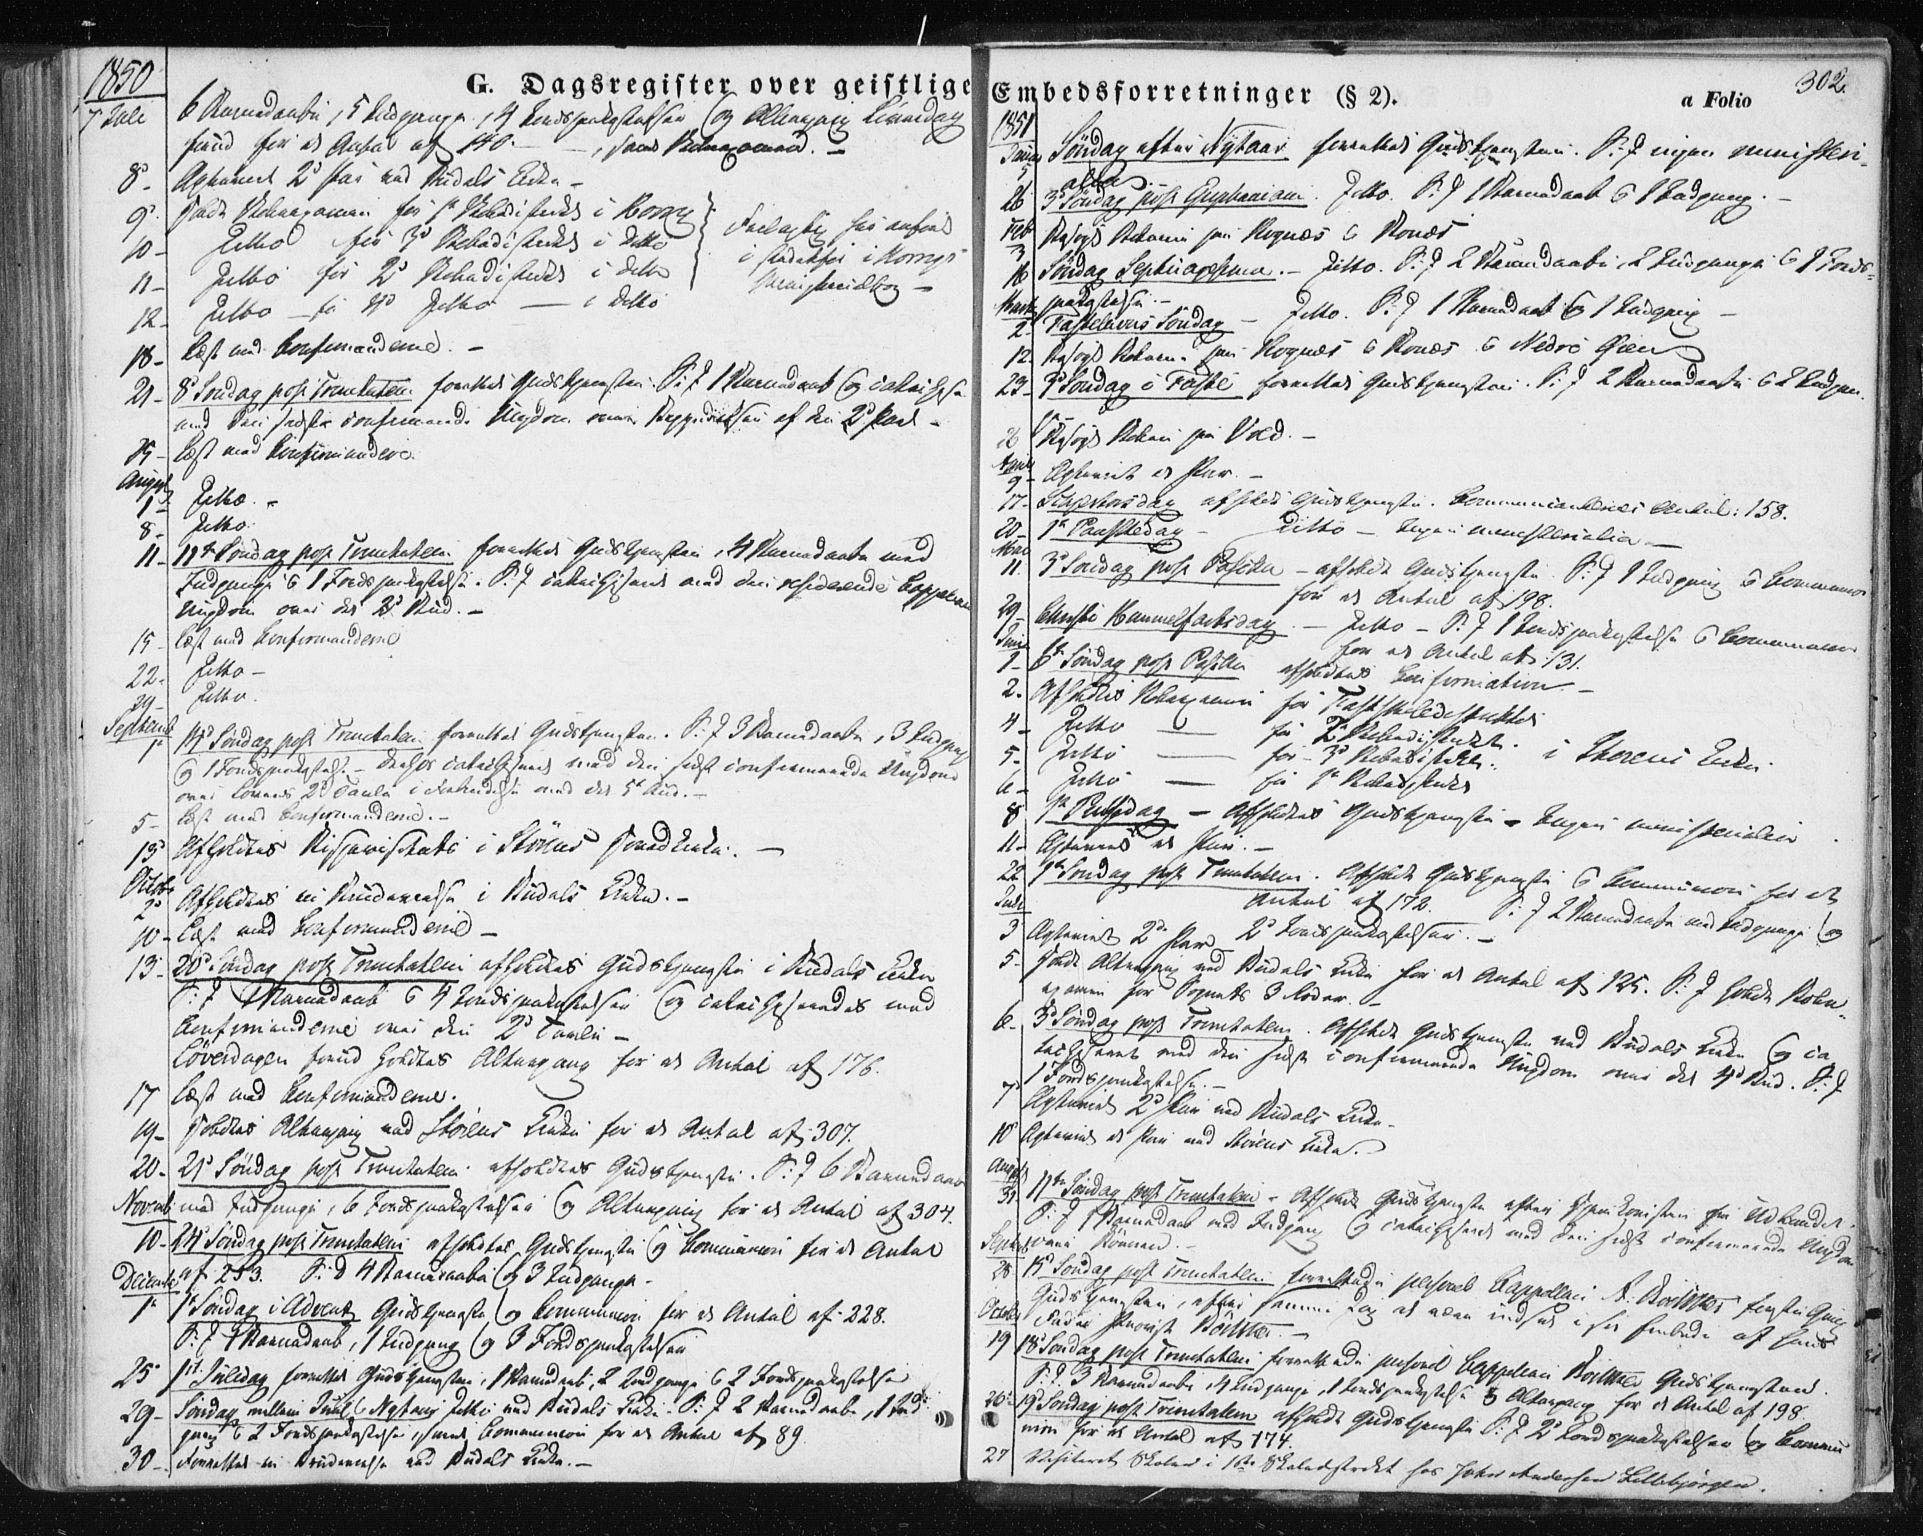 SAT, Ministerialprotokoller, klokkerbøker og fødselsregistre - Sør-Trøndelag, 687/L1000: Ministerialbok nr. 687A06, 1848-1869, s. 302